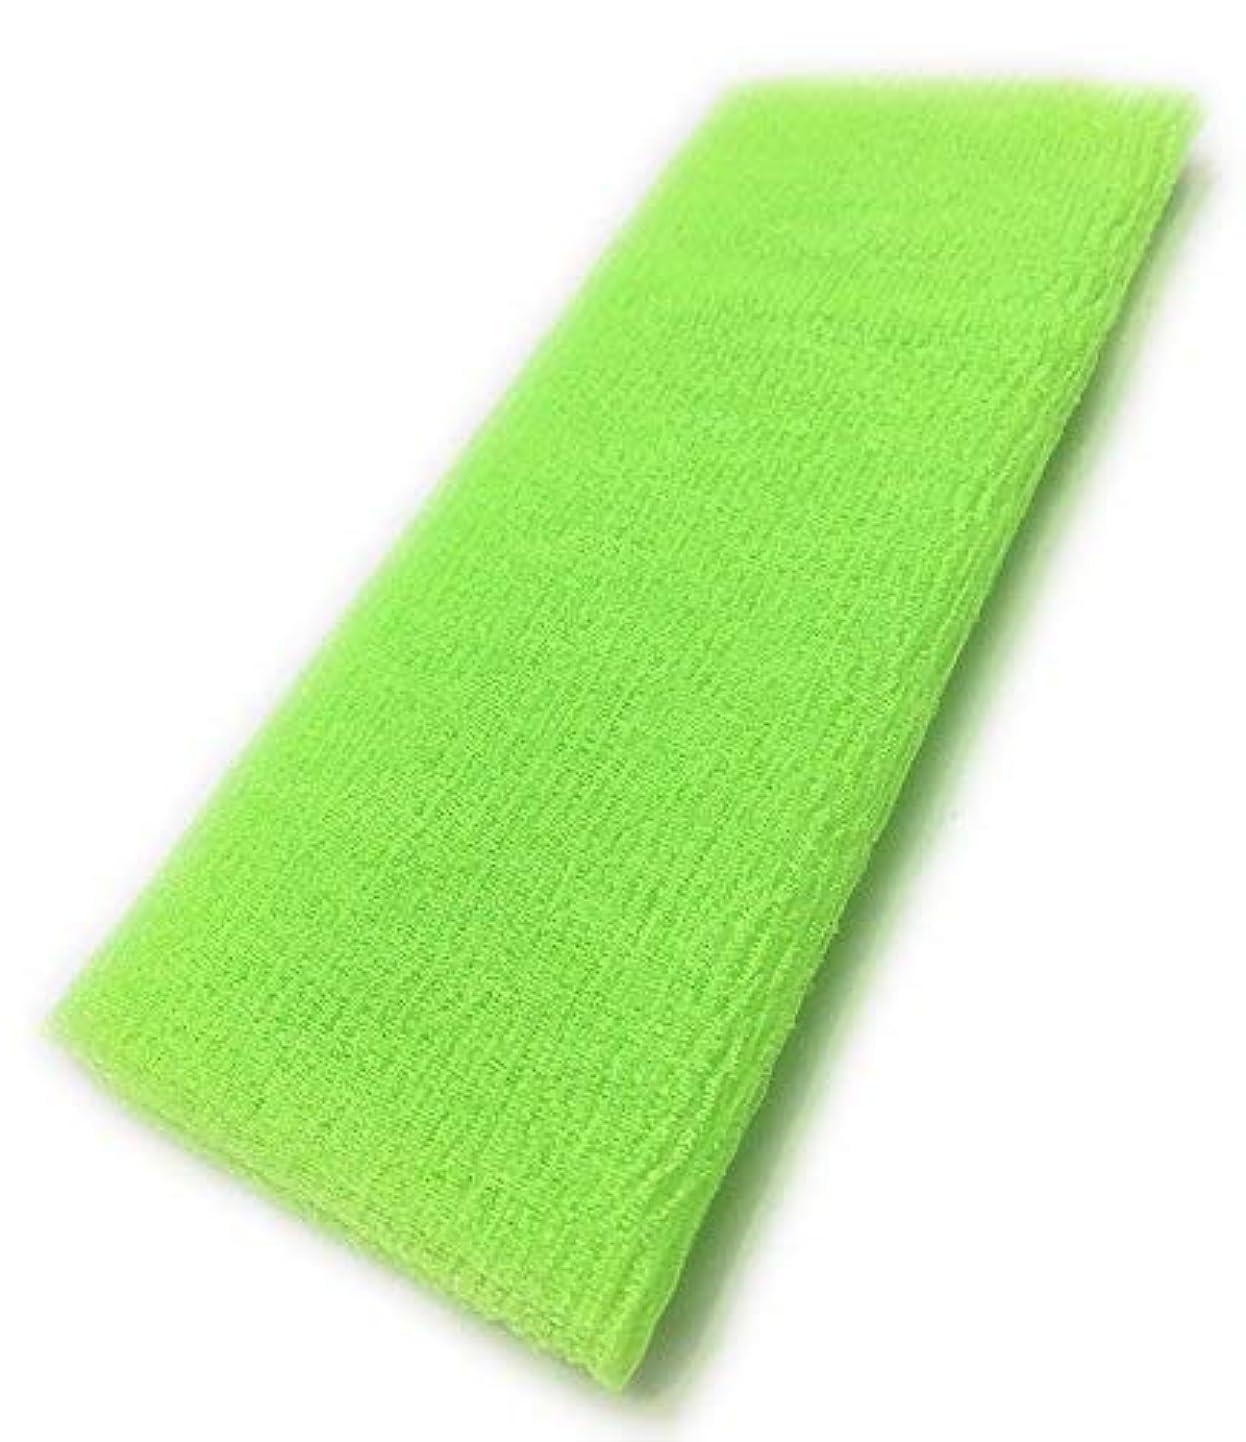 成熟したエンドウ祝うMaltose あかすりタオル ボディタオル ロングボディブラシ やわらか 濃密泡 背中 お風呂用 メンズ 4色 (グリーン)